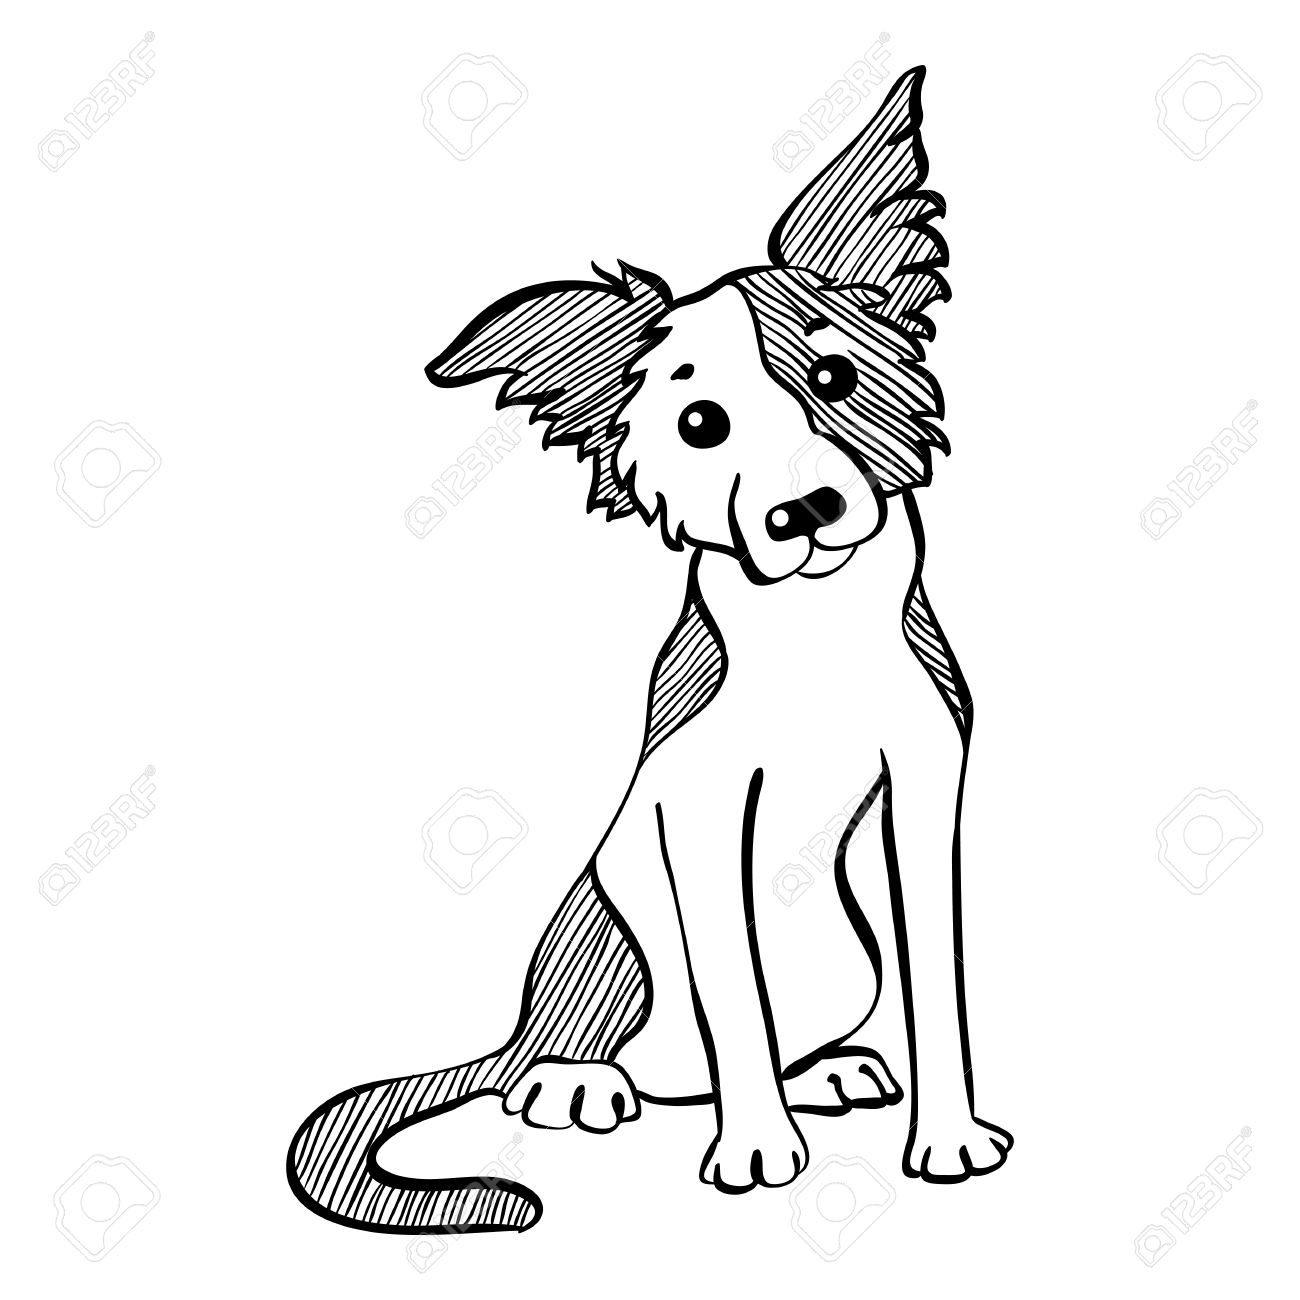 Banque dimages sketch drôle chien border collie race assis main dessin vectoriel